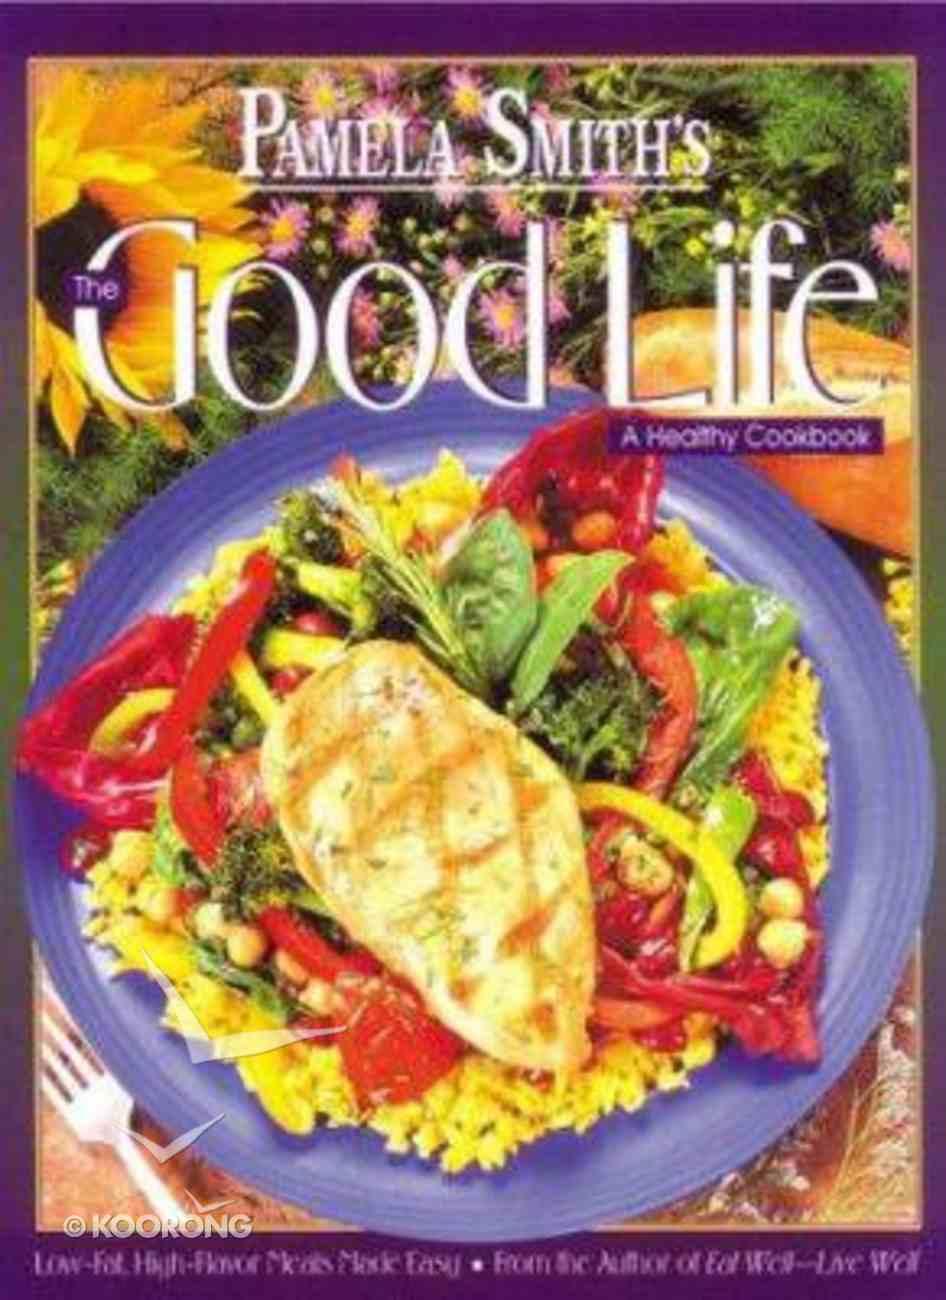 Good Life: Healthy Cookbook Hardback